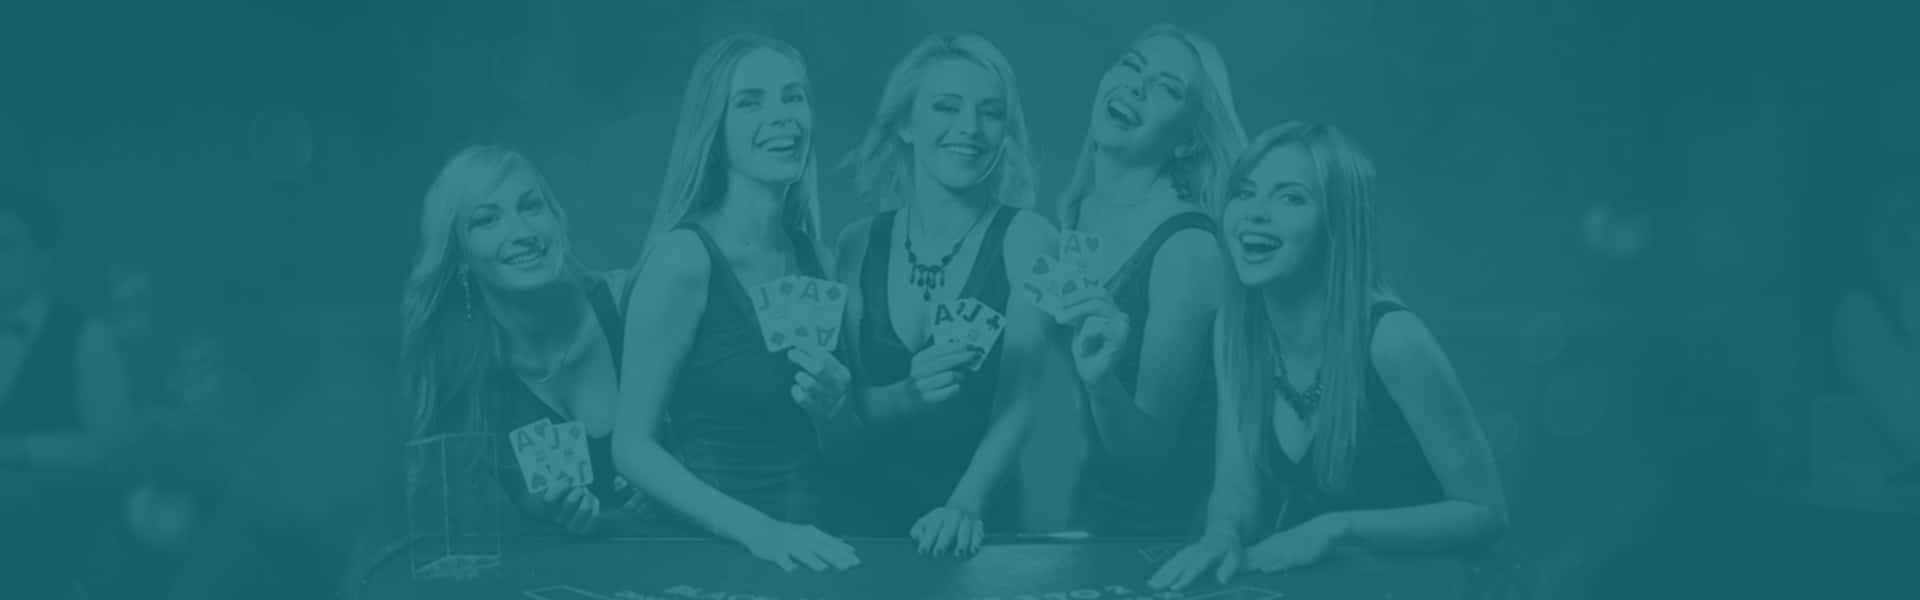 Swiss Casinos -317752